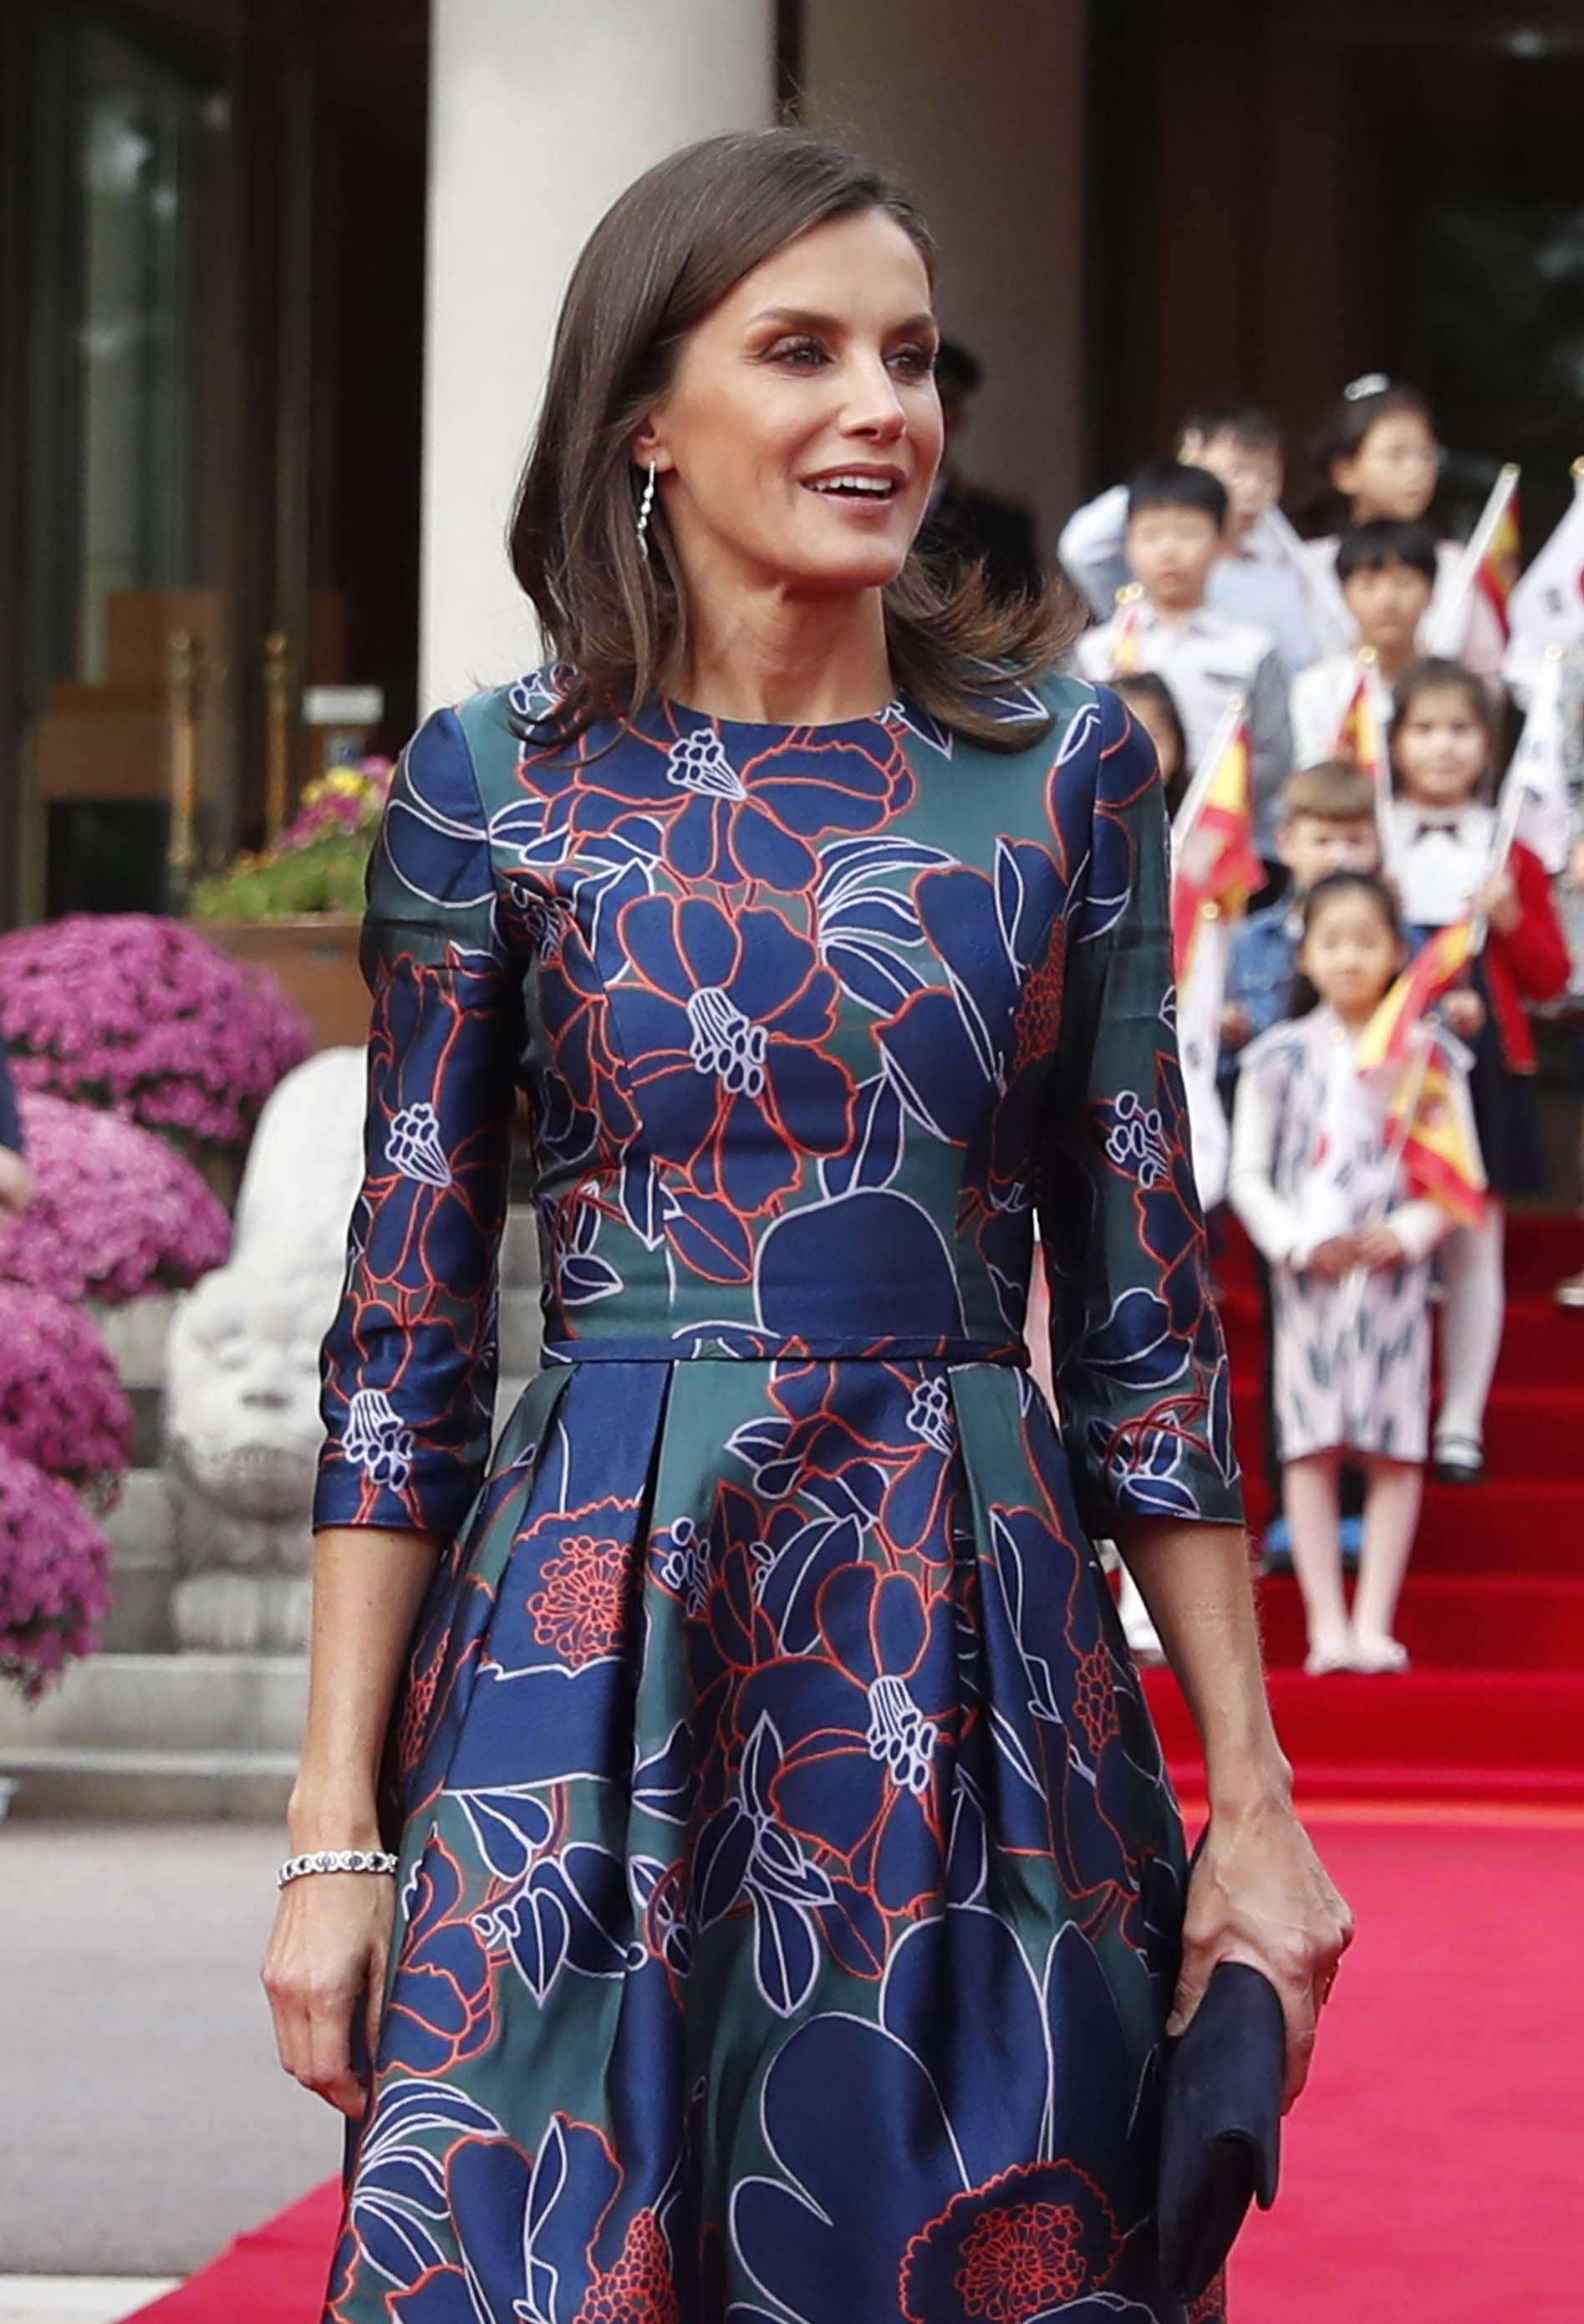 La reina Letizia repite el modelo con el que 'conquistó' a Carlos de Inglaterra